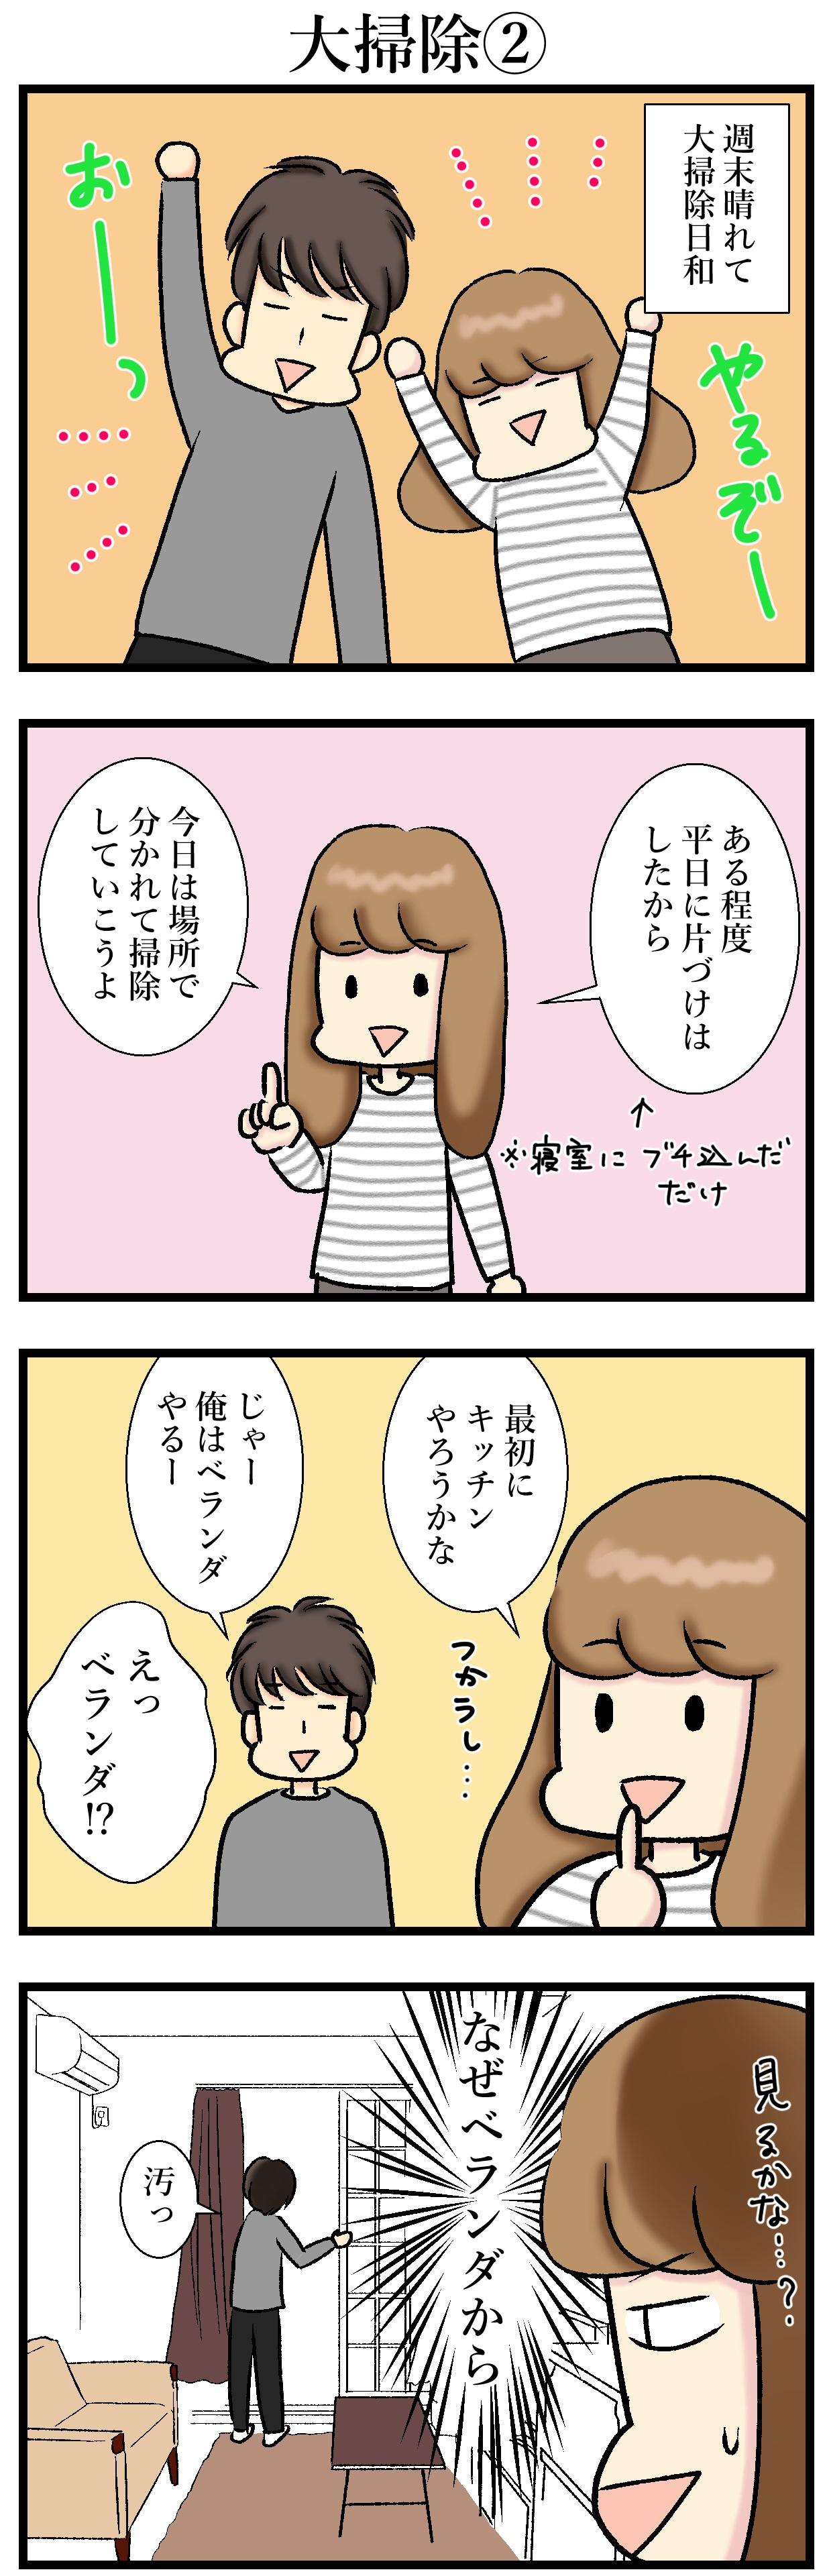 【エッセイ漫画】アラサー主婦くま子のふがいない日常(21)